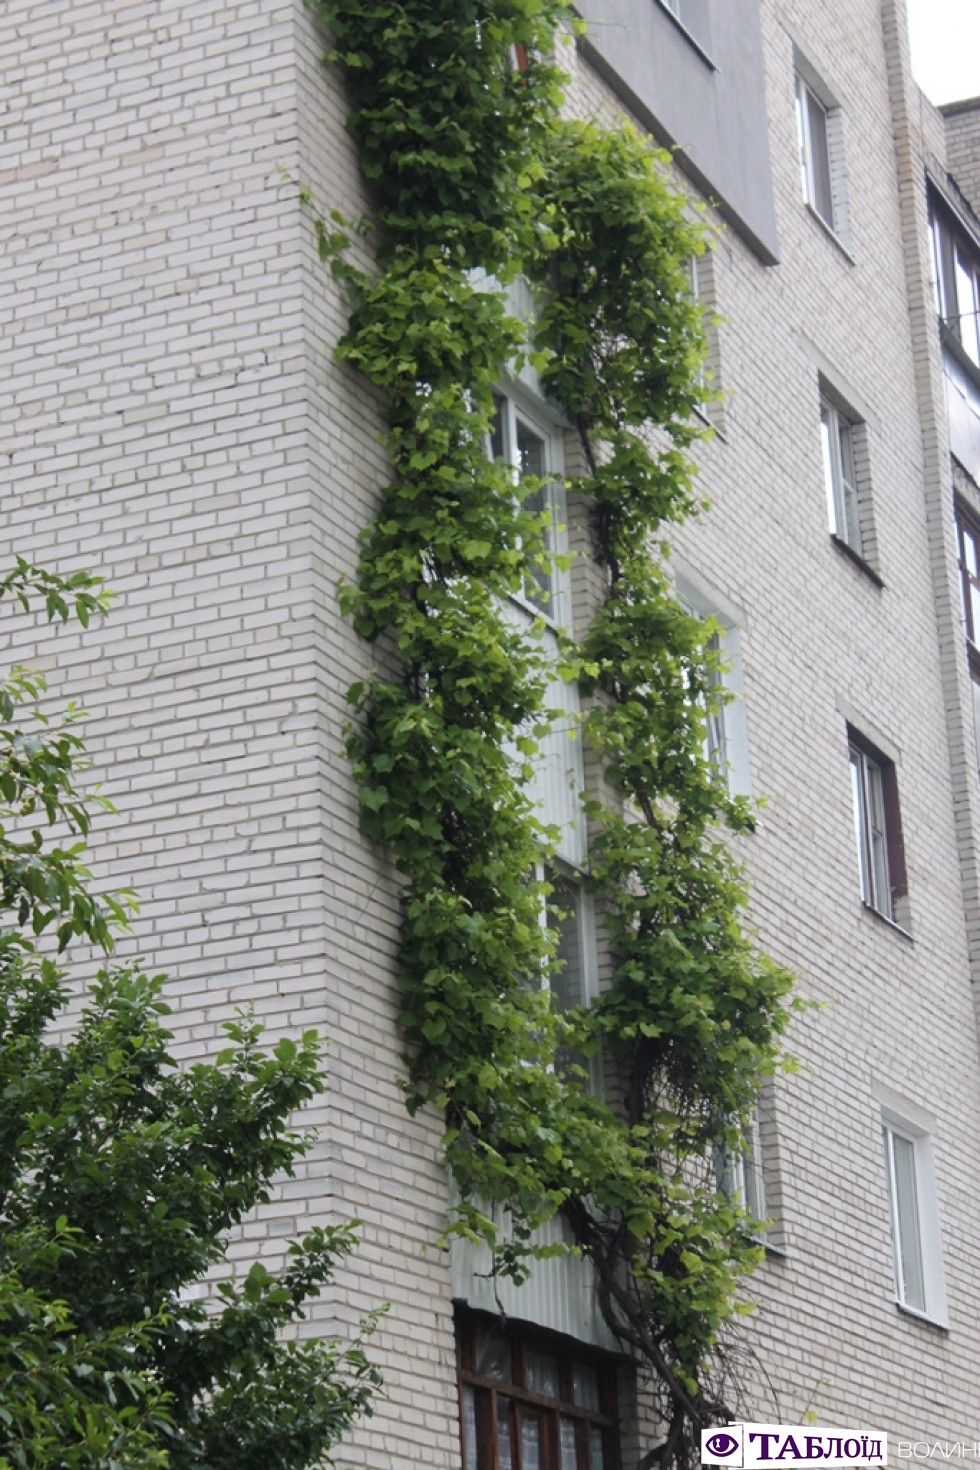 Балкони Луцька: проспект Відродження. Частина 2